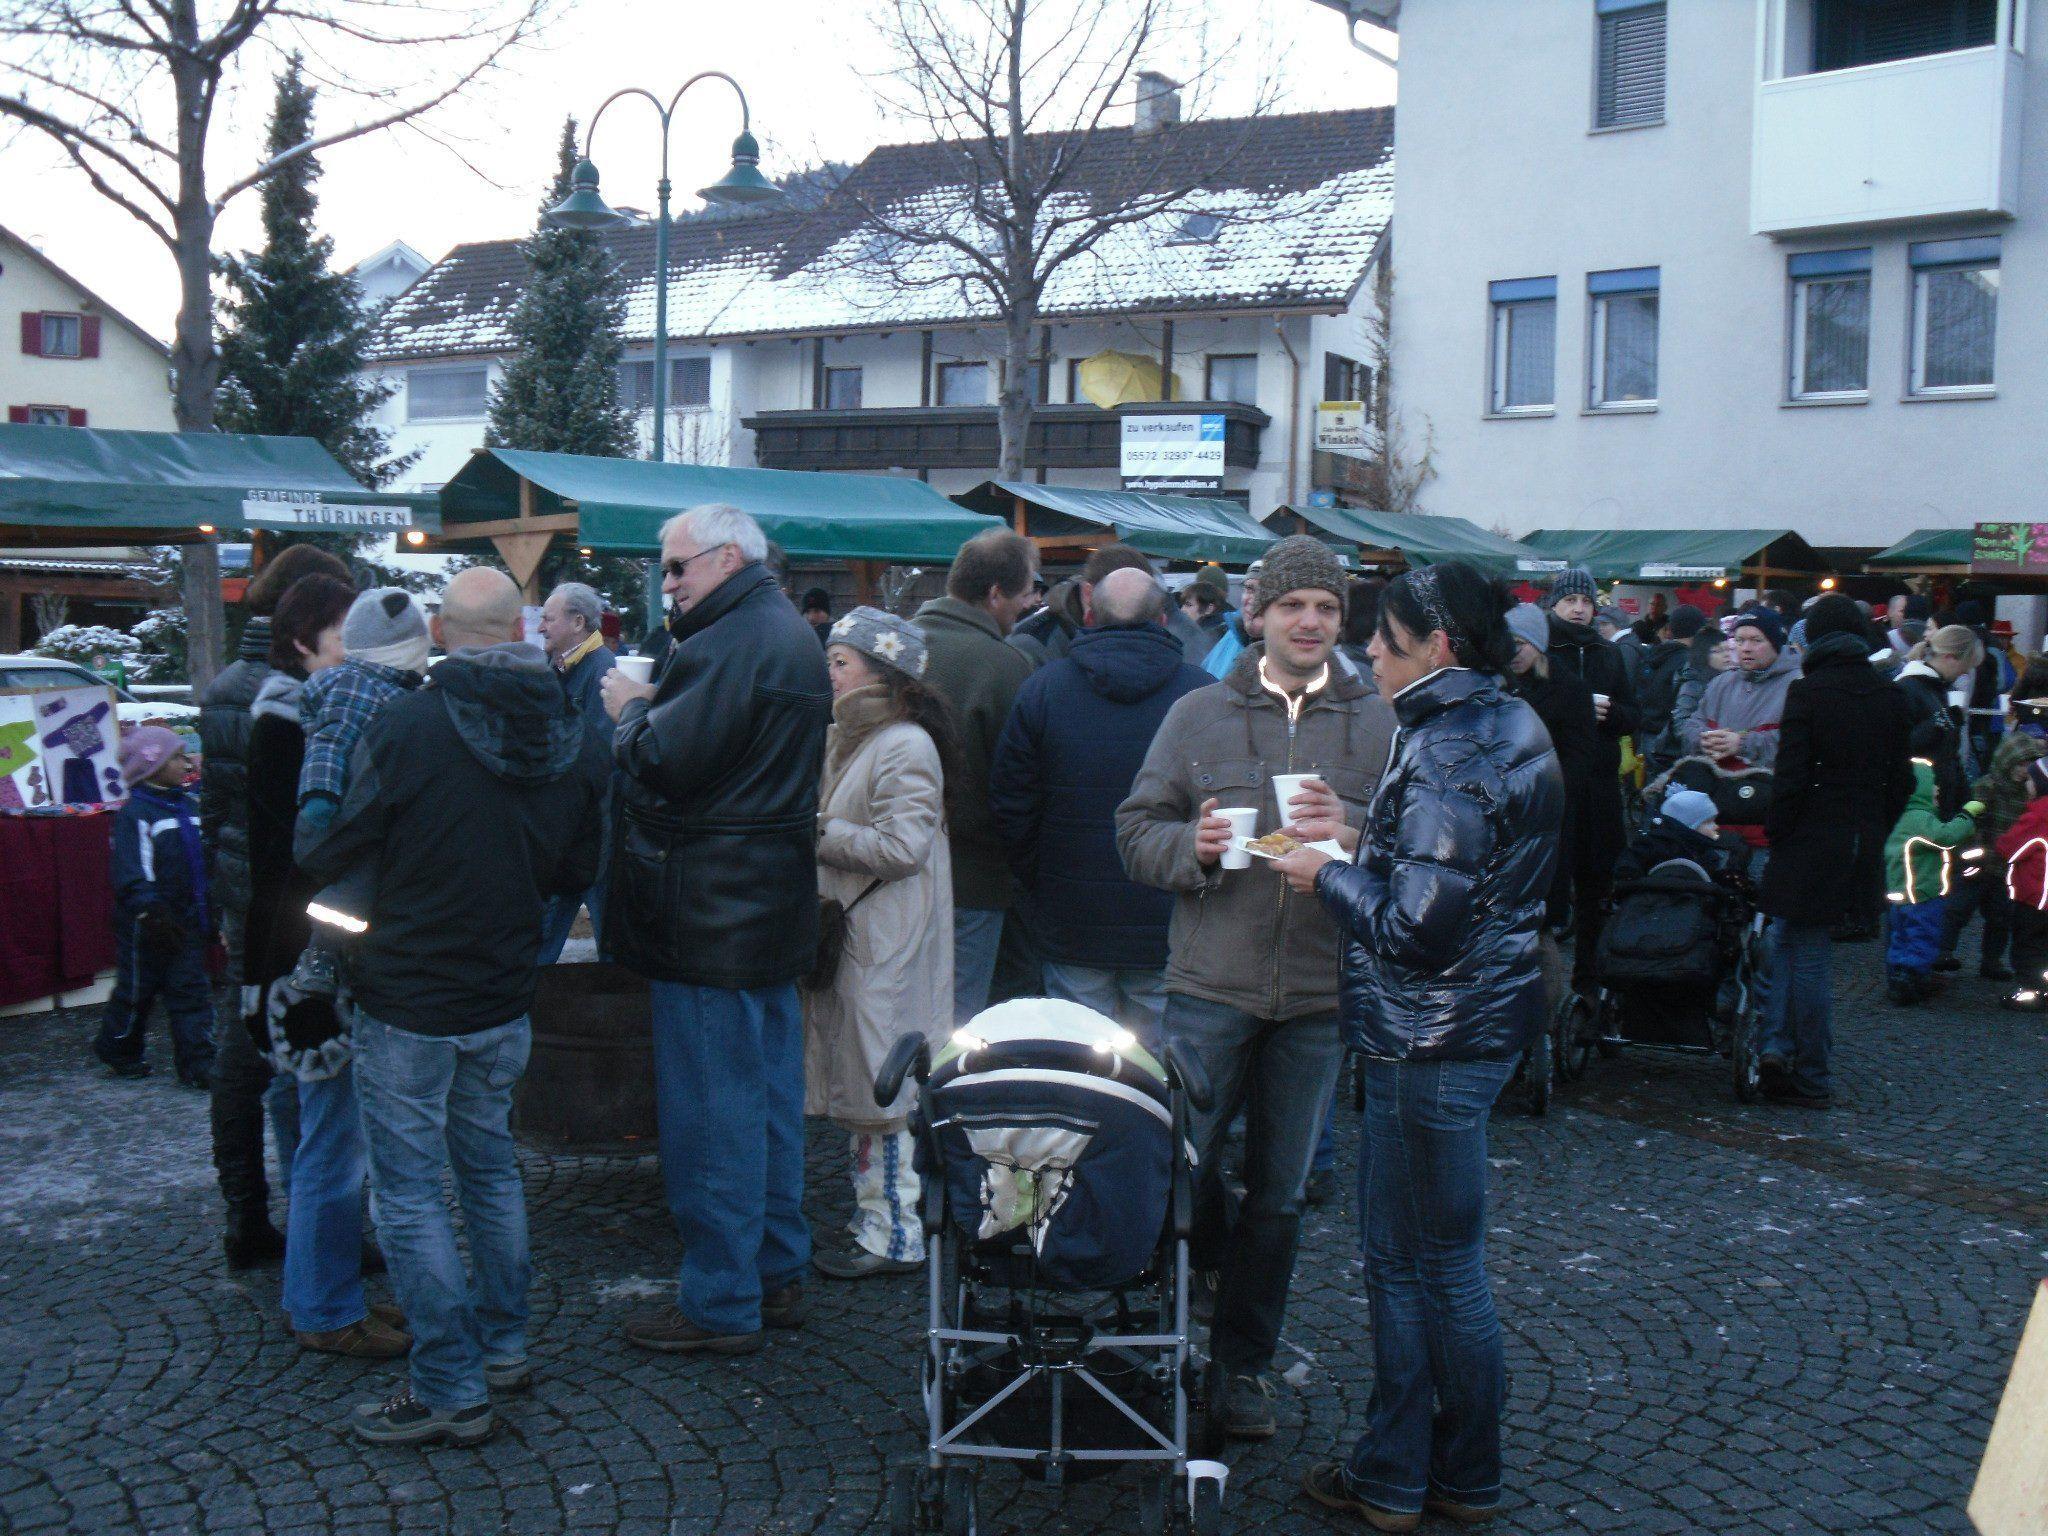 Weihnachtsmarkt am Dorfplatz